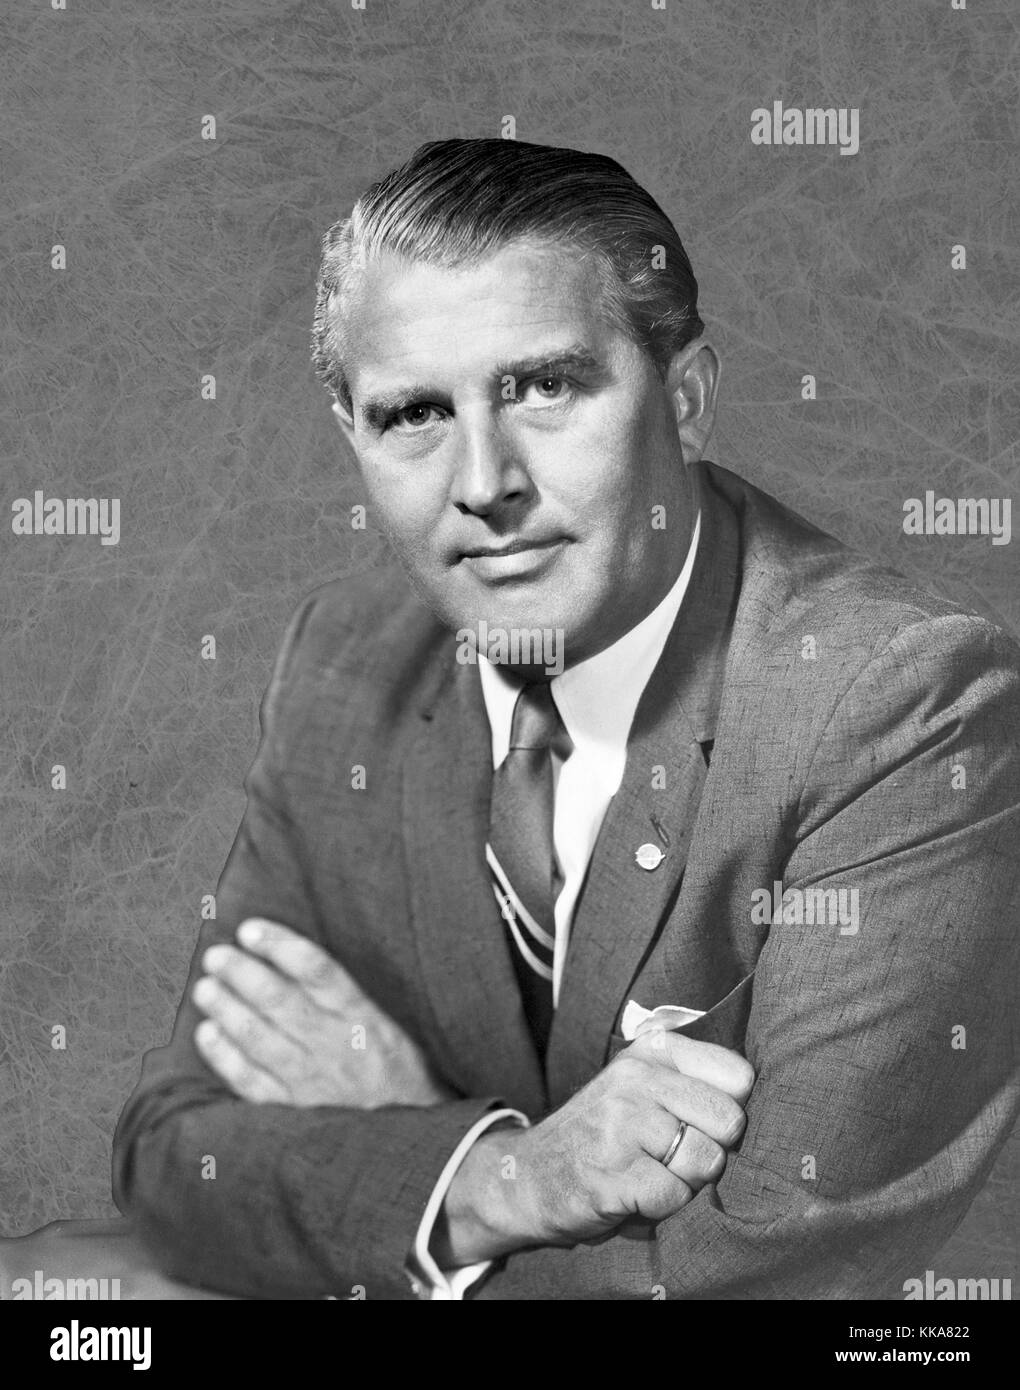 Wernher magnus Maximilian Freiherr von Braun, Dr. Wernher von Braun, Deutsch, später Amerikanischen, Luft- und Raumfahrt Stockfoto